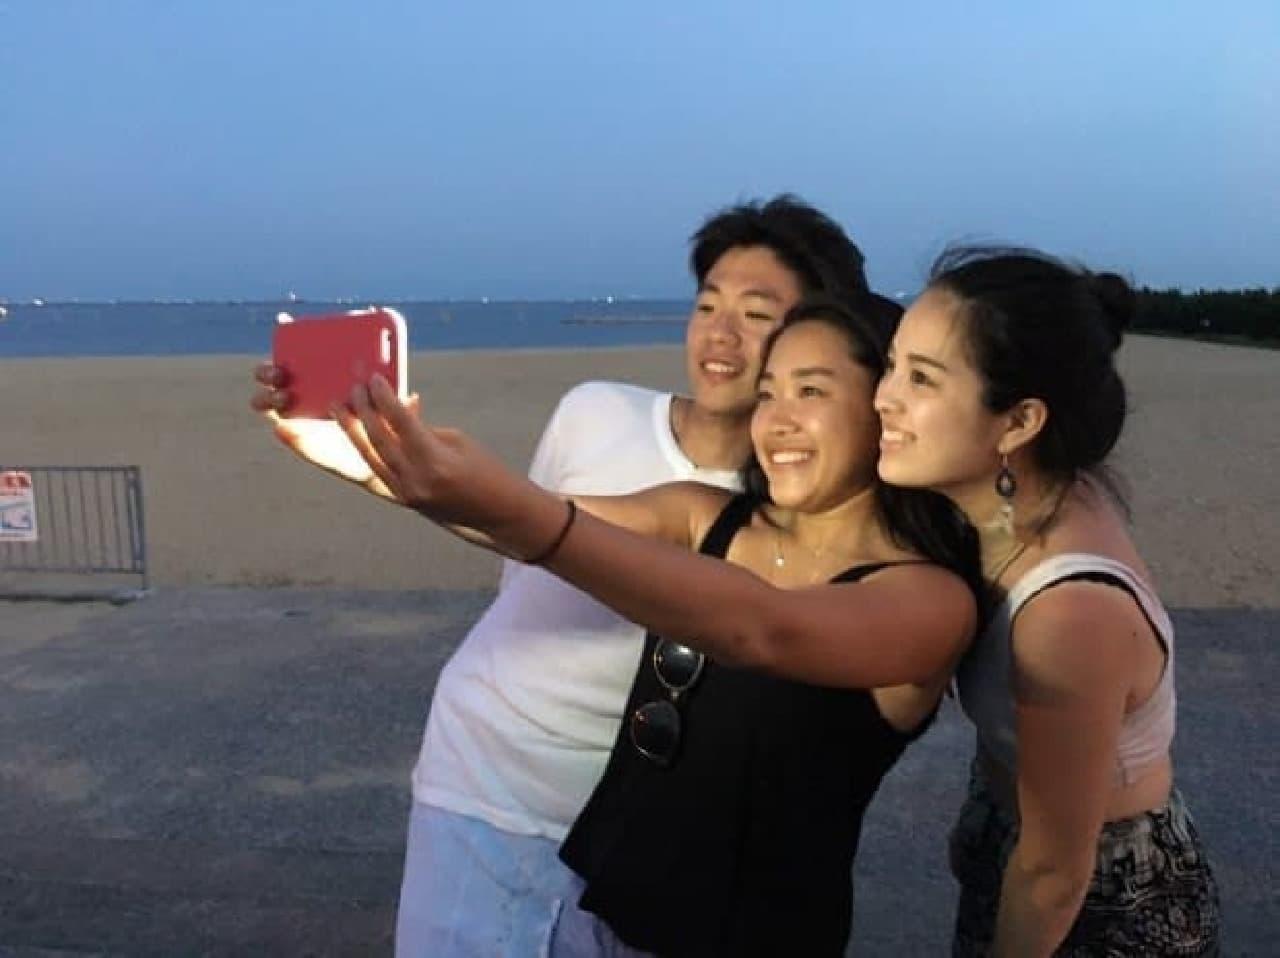 セルフィー用iPhoneケースを使う男女3人